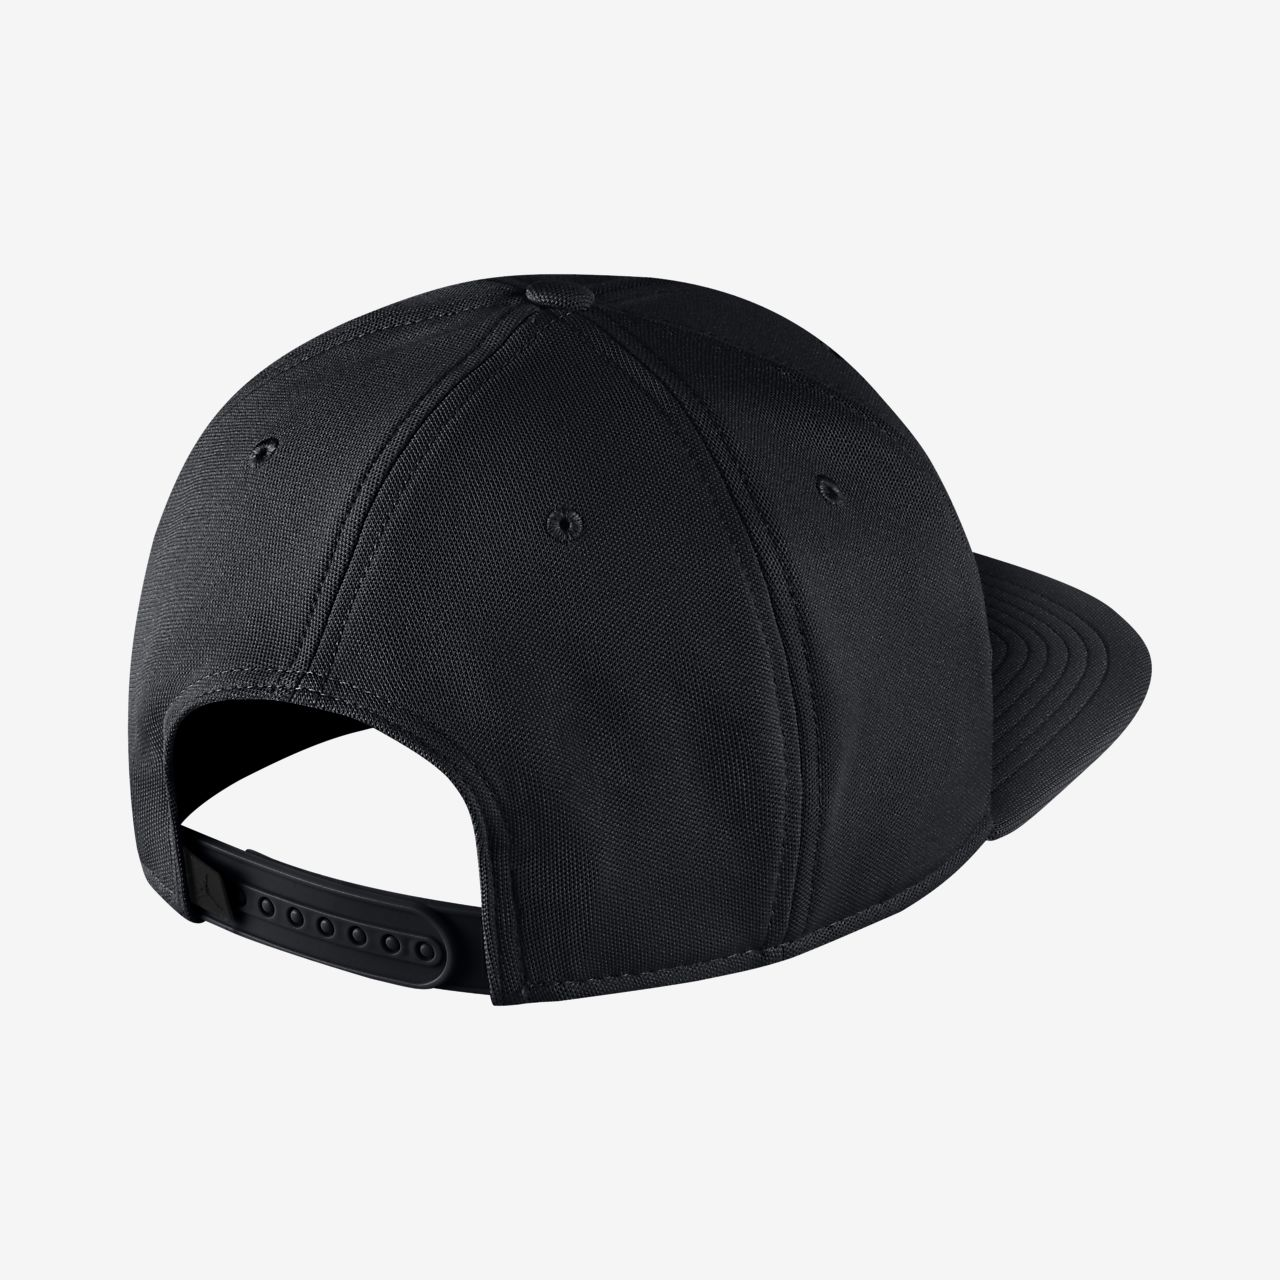 408f2d8235c Low Resolution Jordan Jumpman Snapback Adjustable Hat Jordan Jumpman  Snapback Adjustable Hat